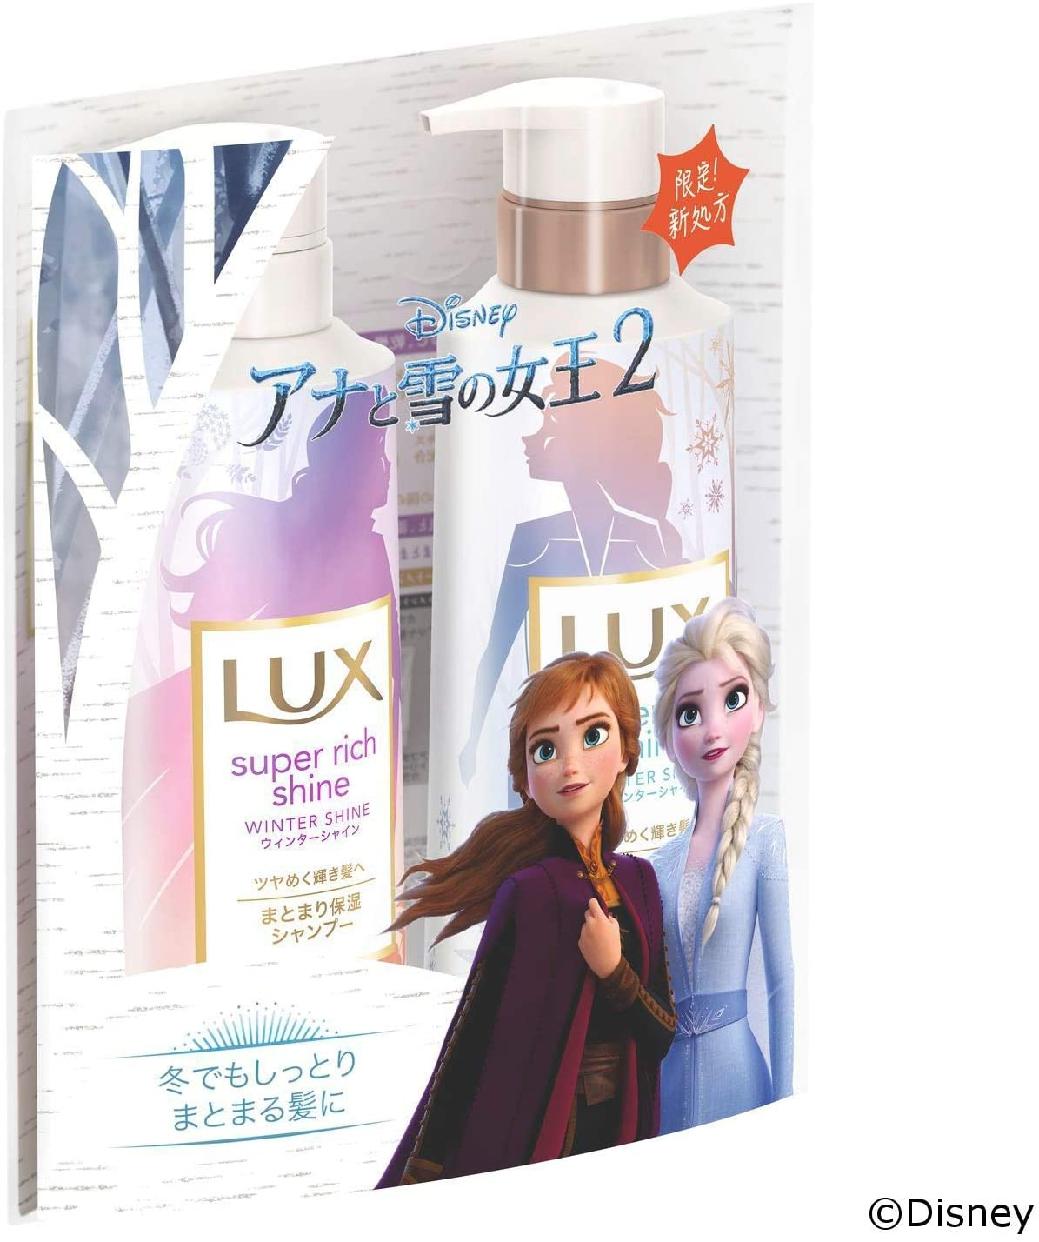 LUX(ラックス) スーパーリッチシャイン ウィンターシャイン ポンプペアの商品画像3